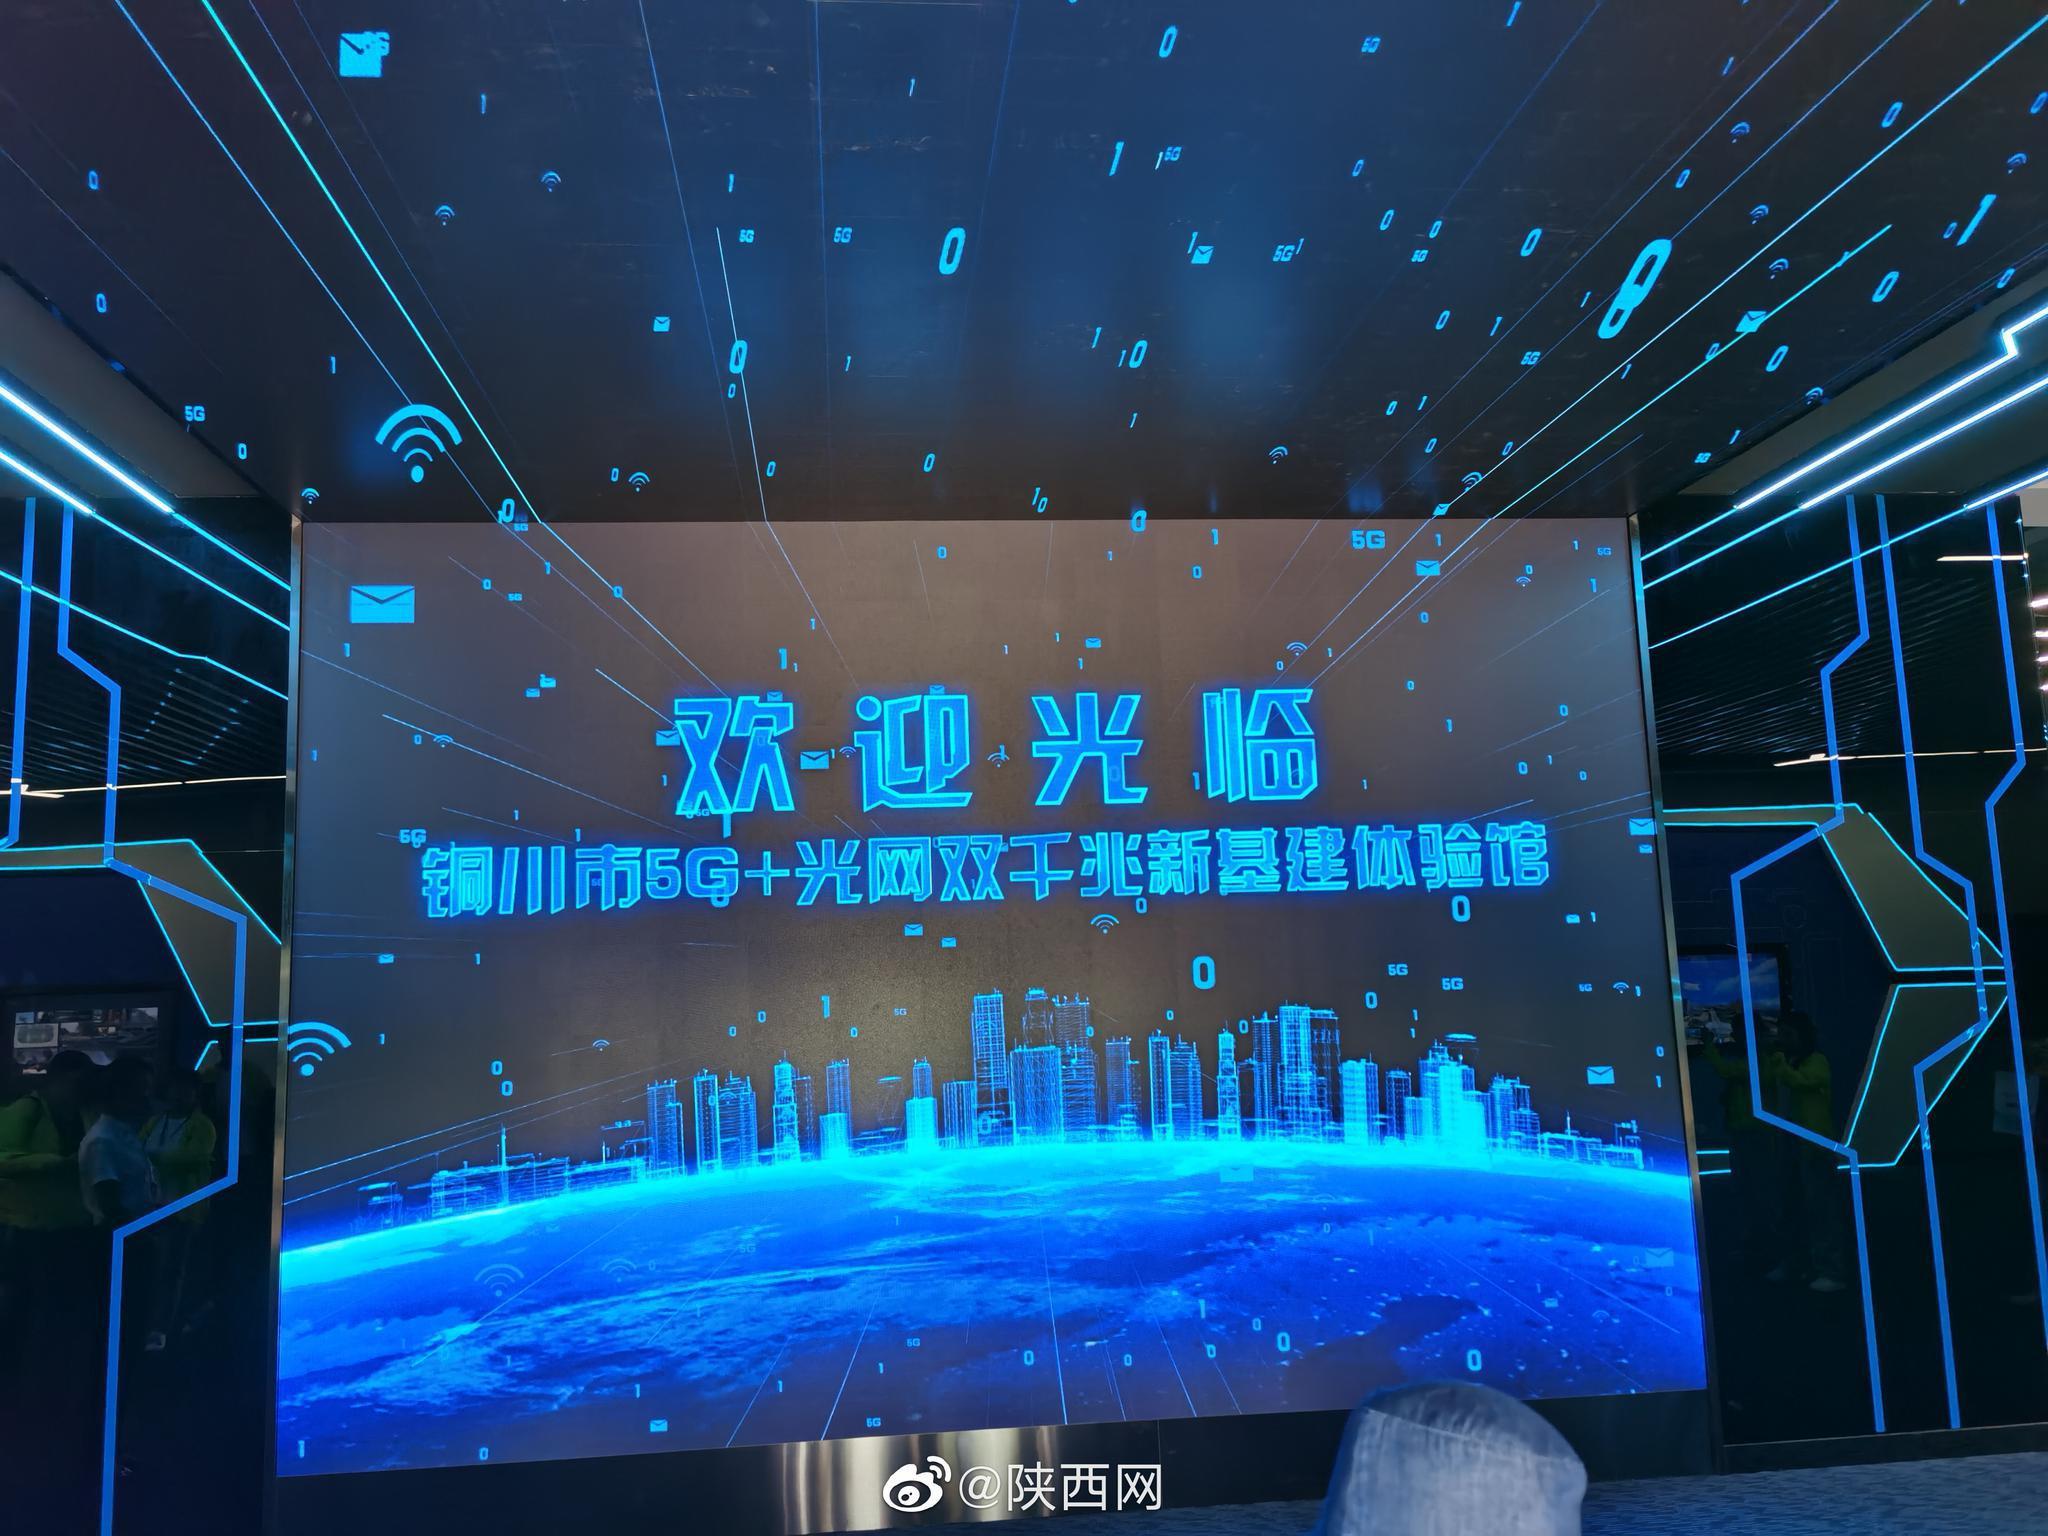 在铜川5G+光网双千兆新基建体验馆感受数字经济转型发展新机遇